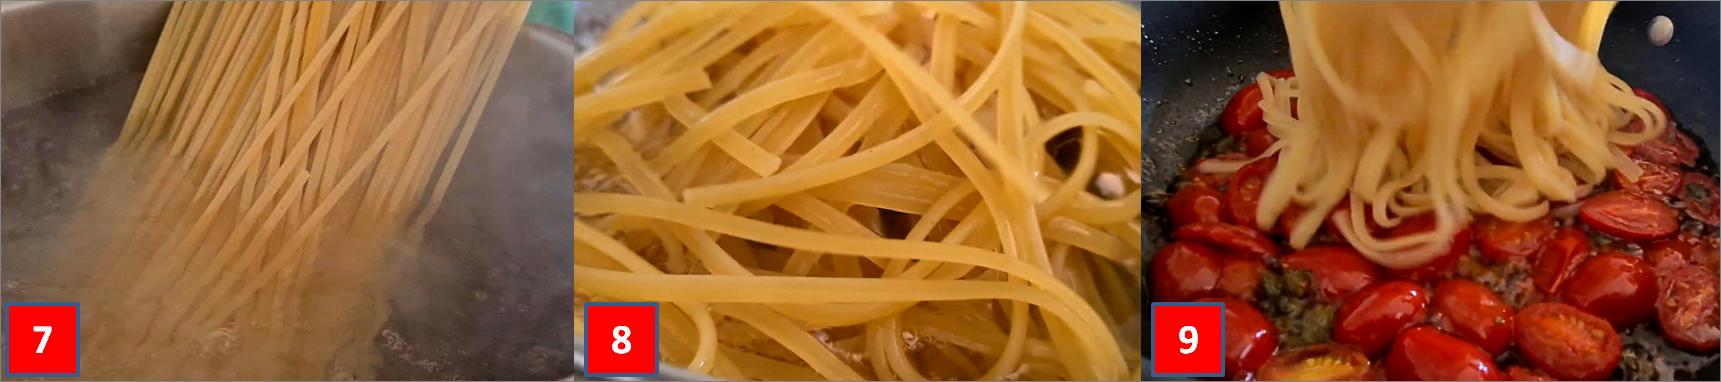 ricetta passo passo tagliolini con datterini e capperi3